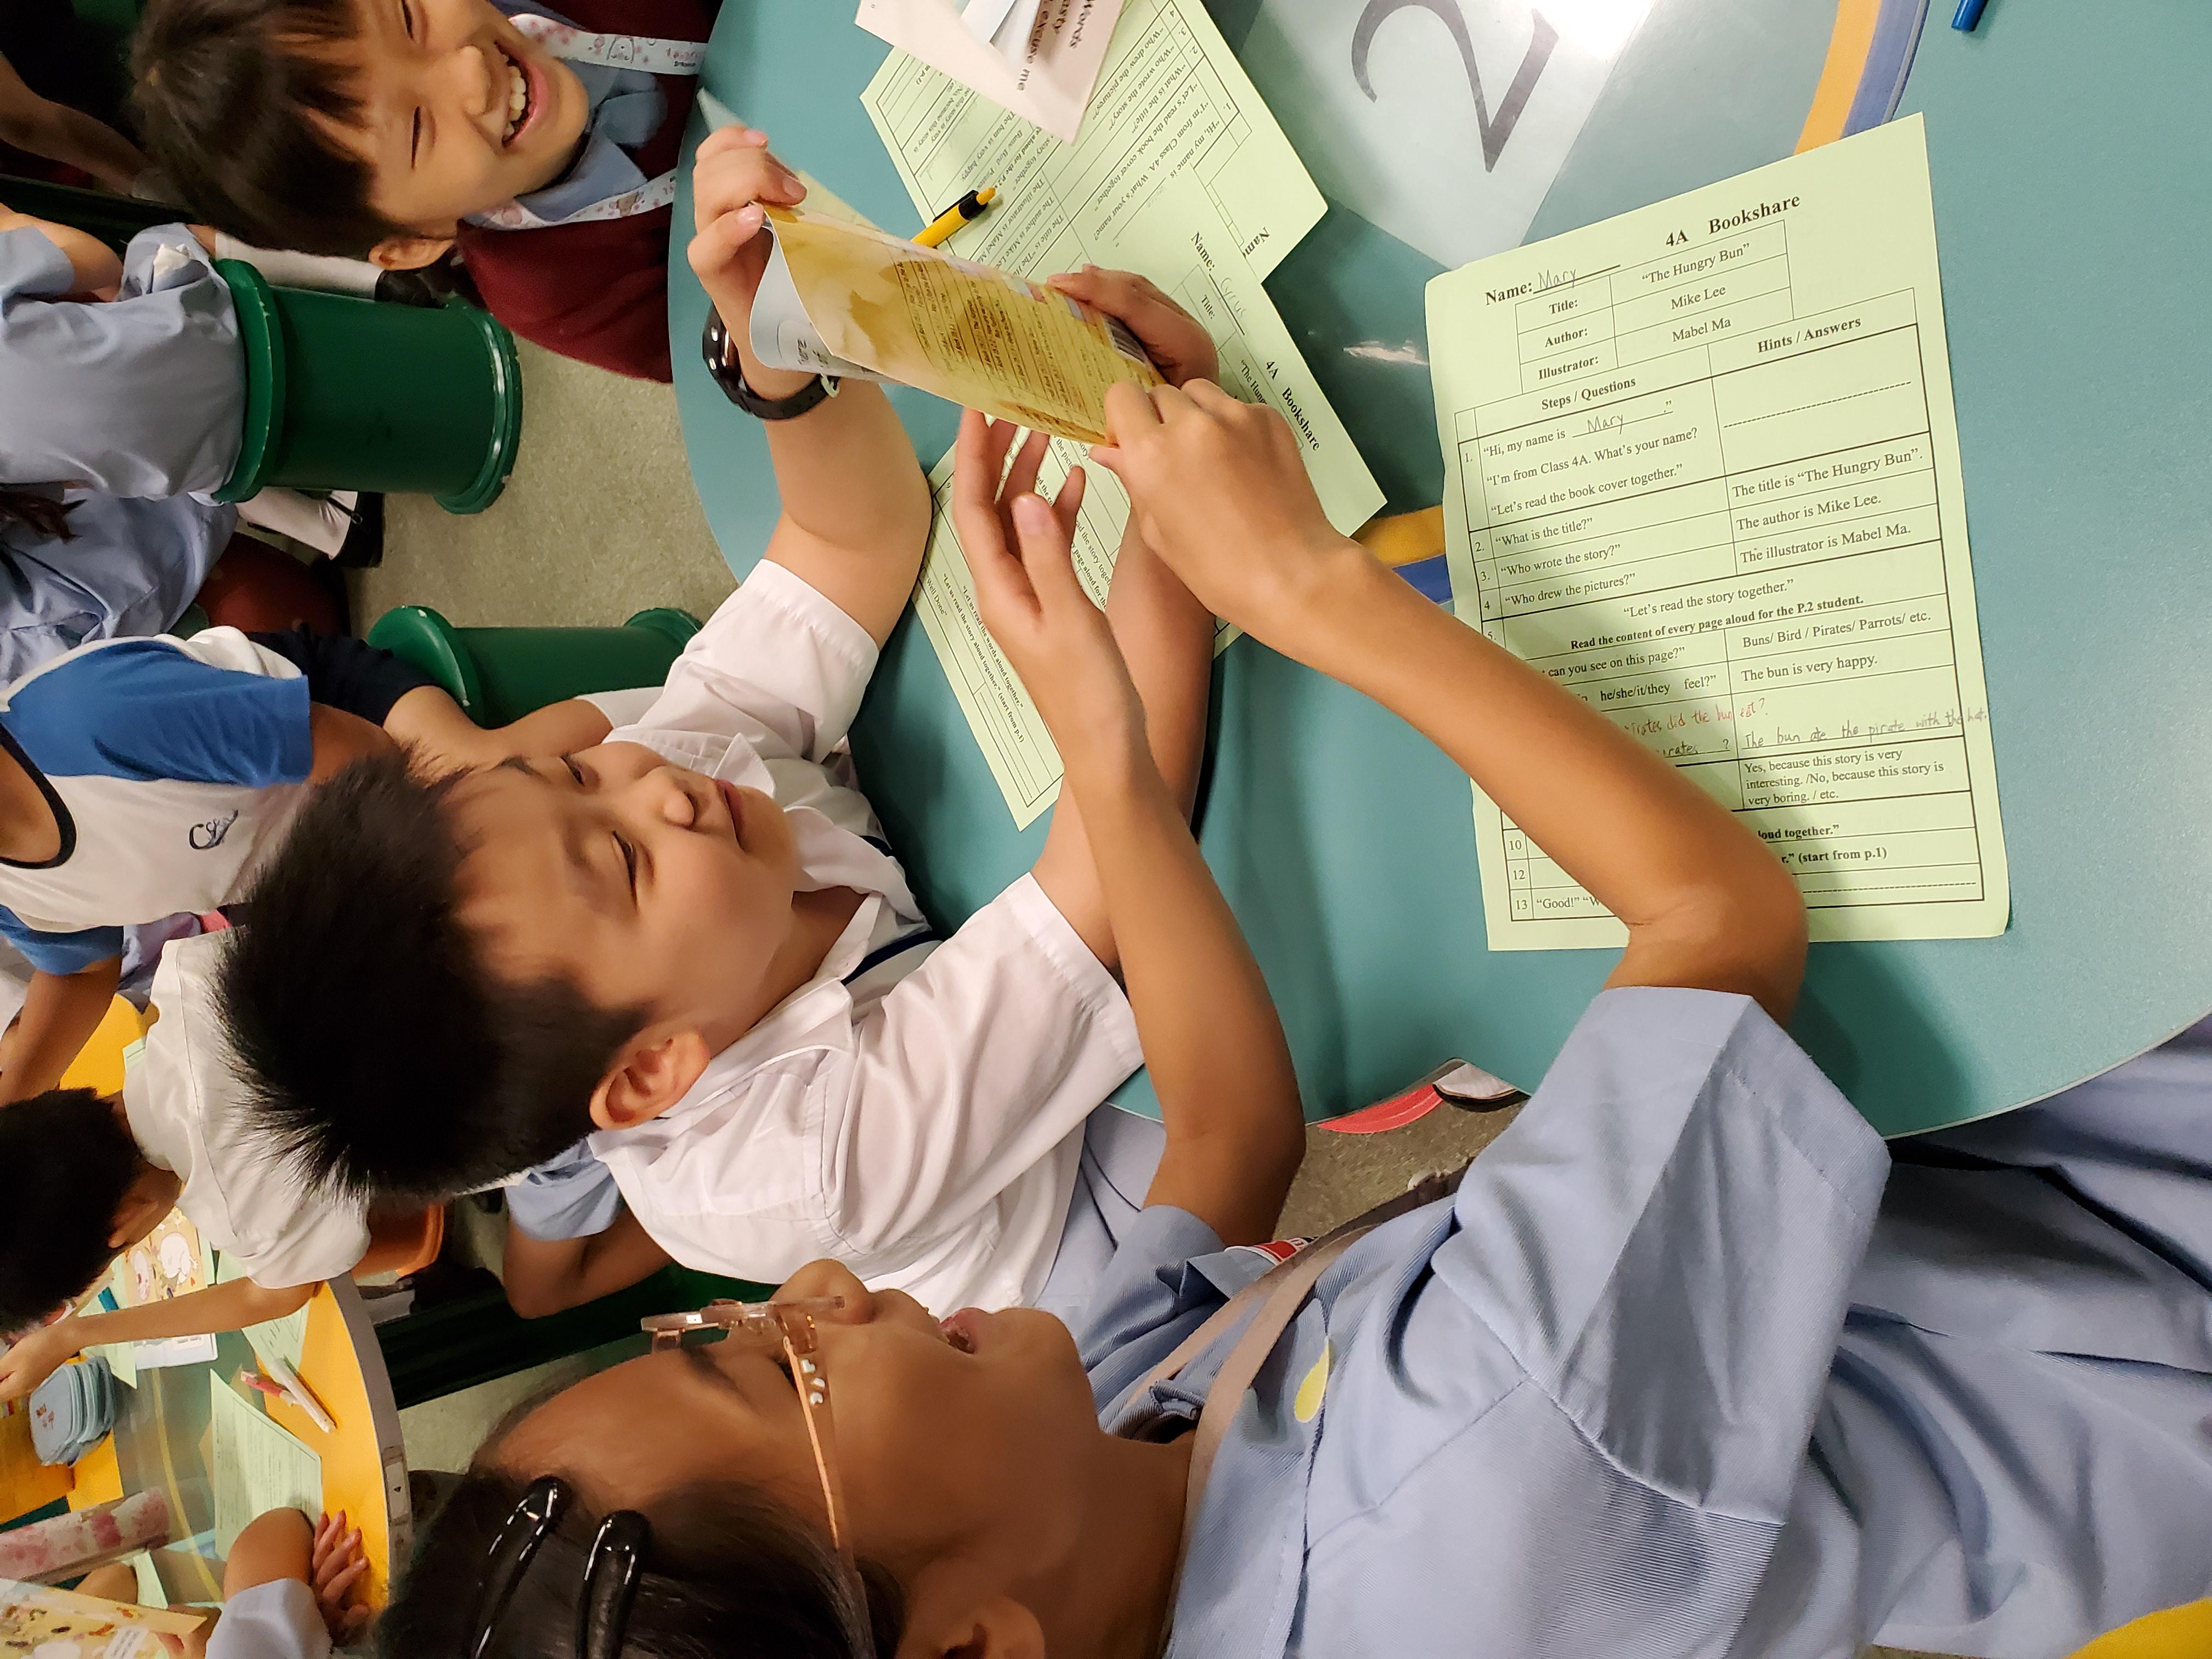 http://www.keiwan.edu.hk/sites/default/files/20191011_100959.jpg